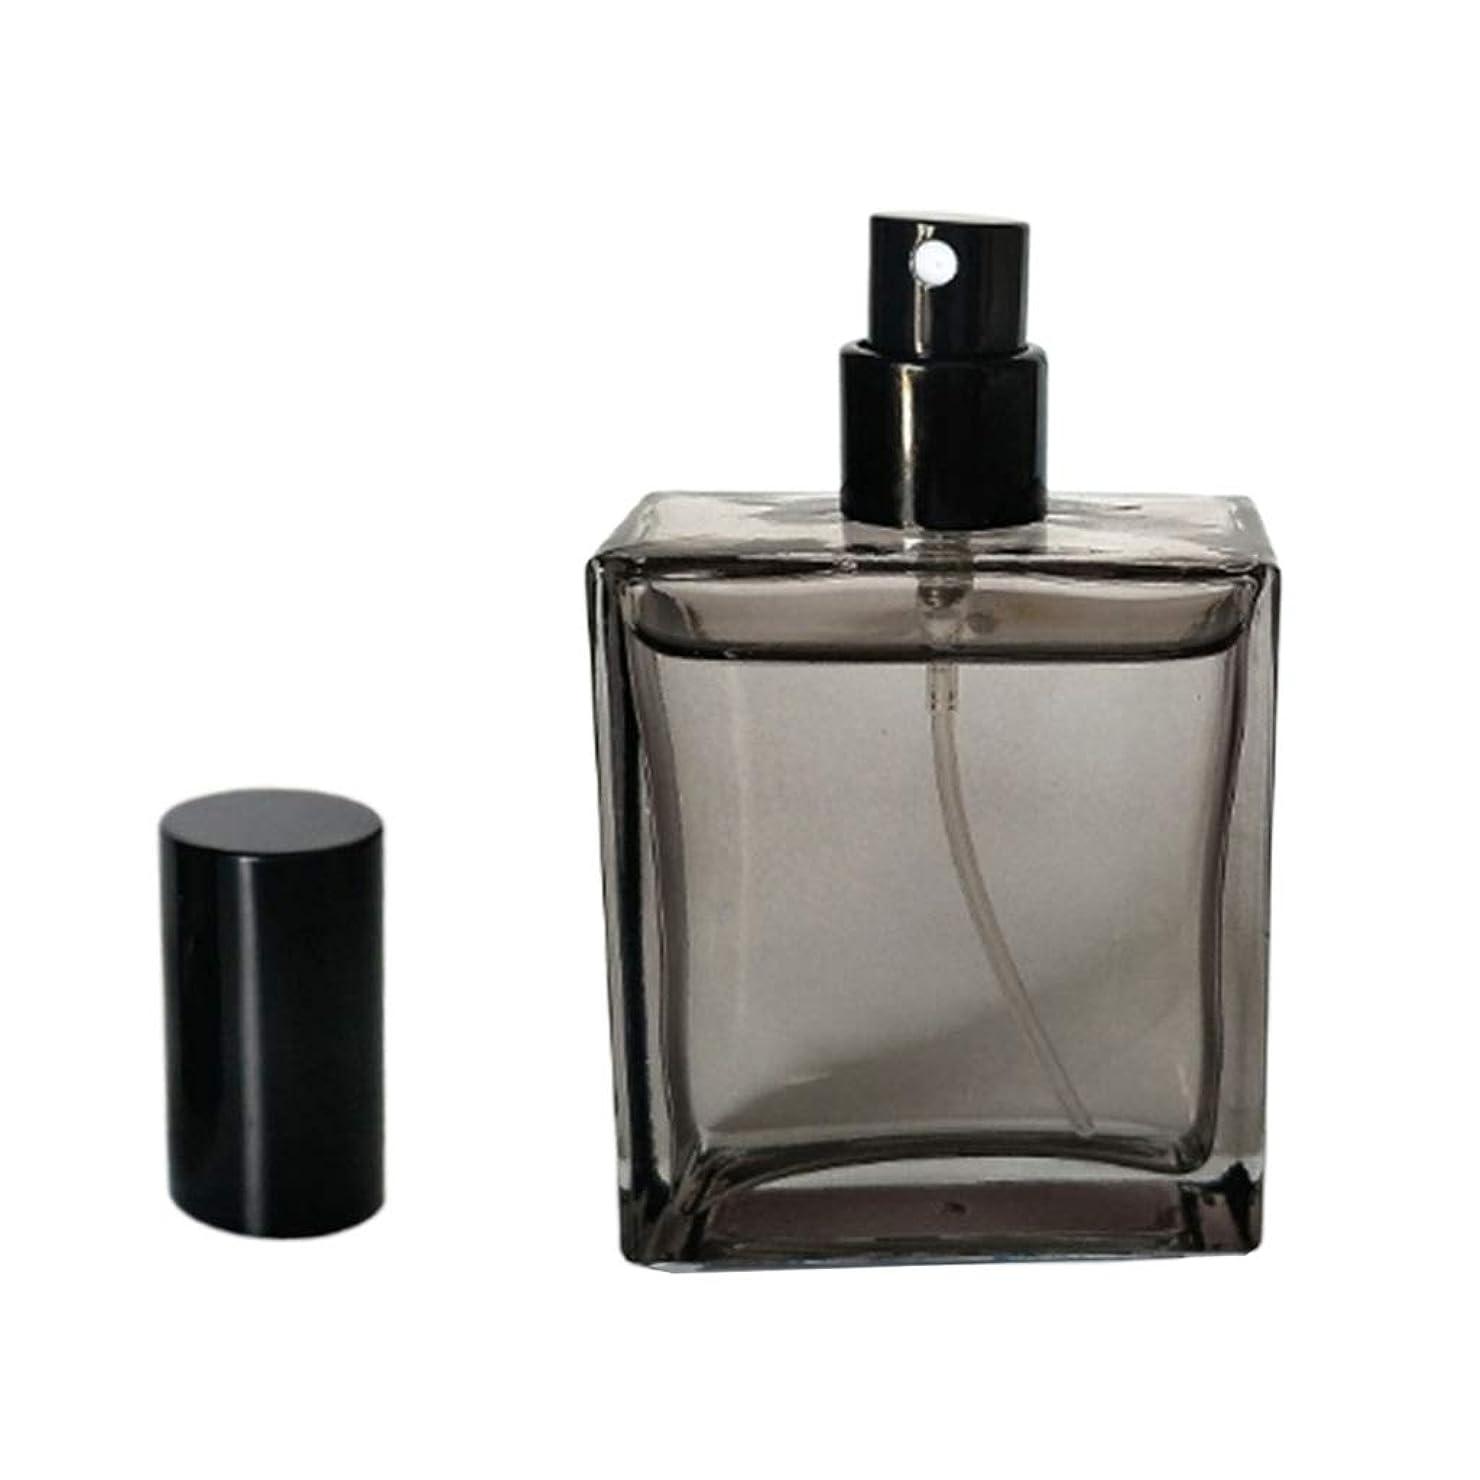 外交毒性ログ50ML スプレーボトル 香水アトマイザー 空のボトル 詰め替え 旅行 通勤 外出 会議 携帯用 ガラス製